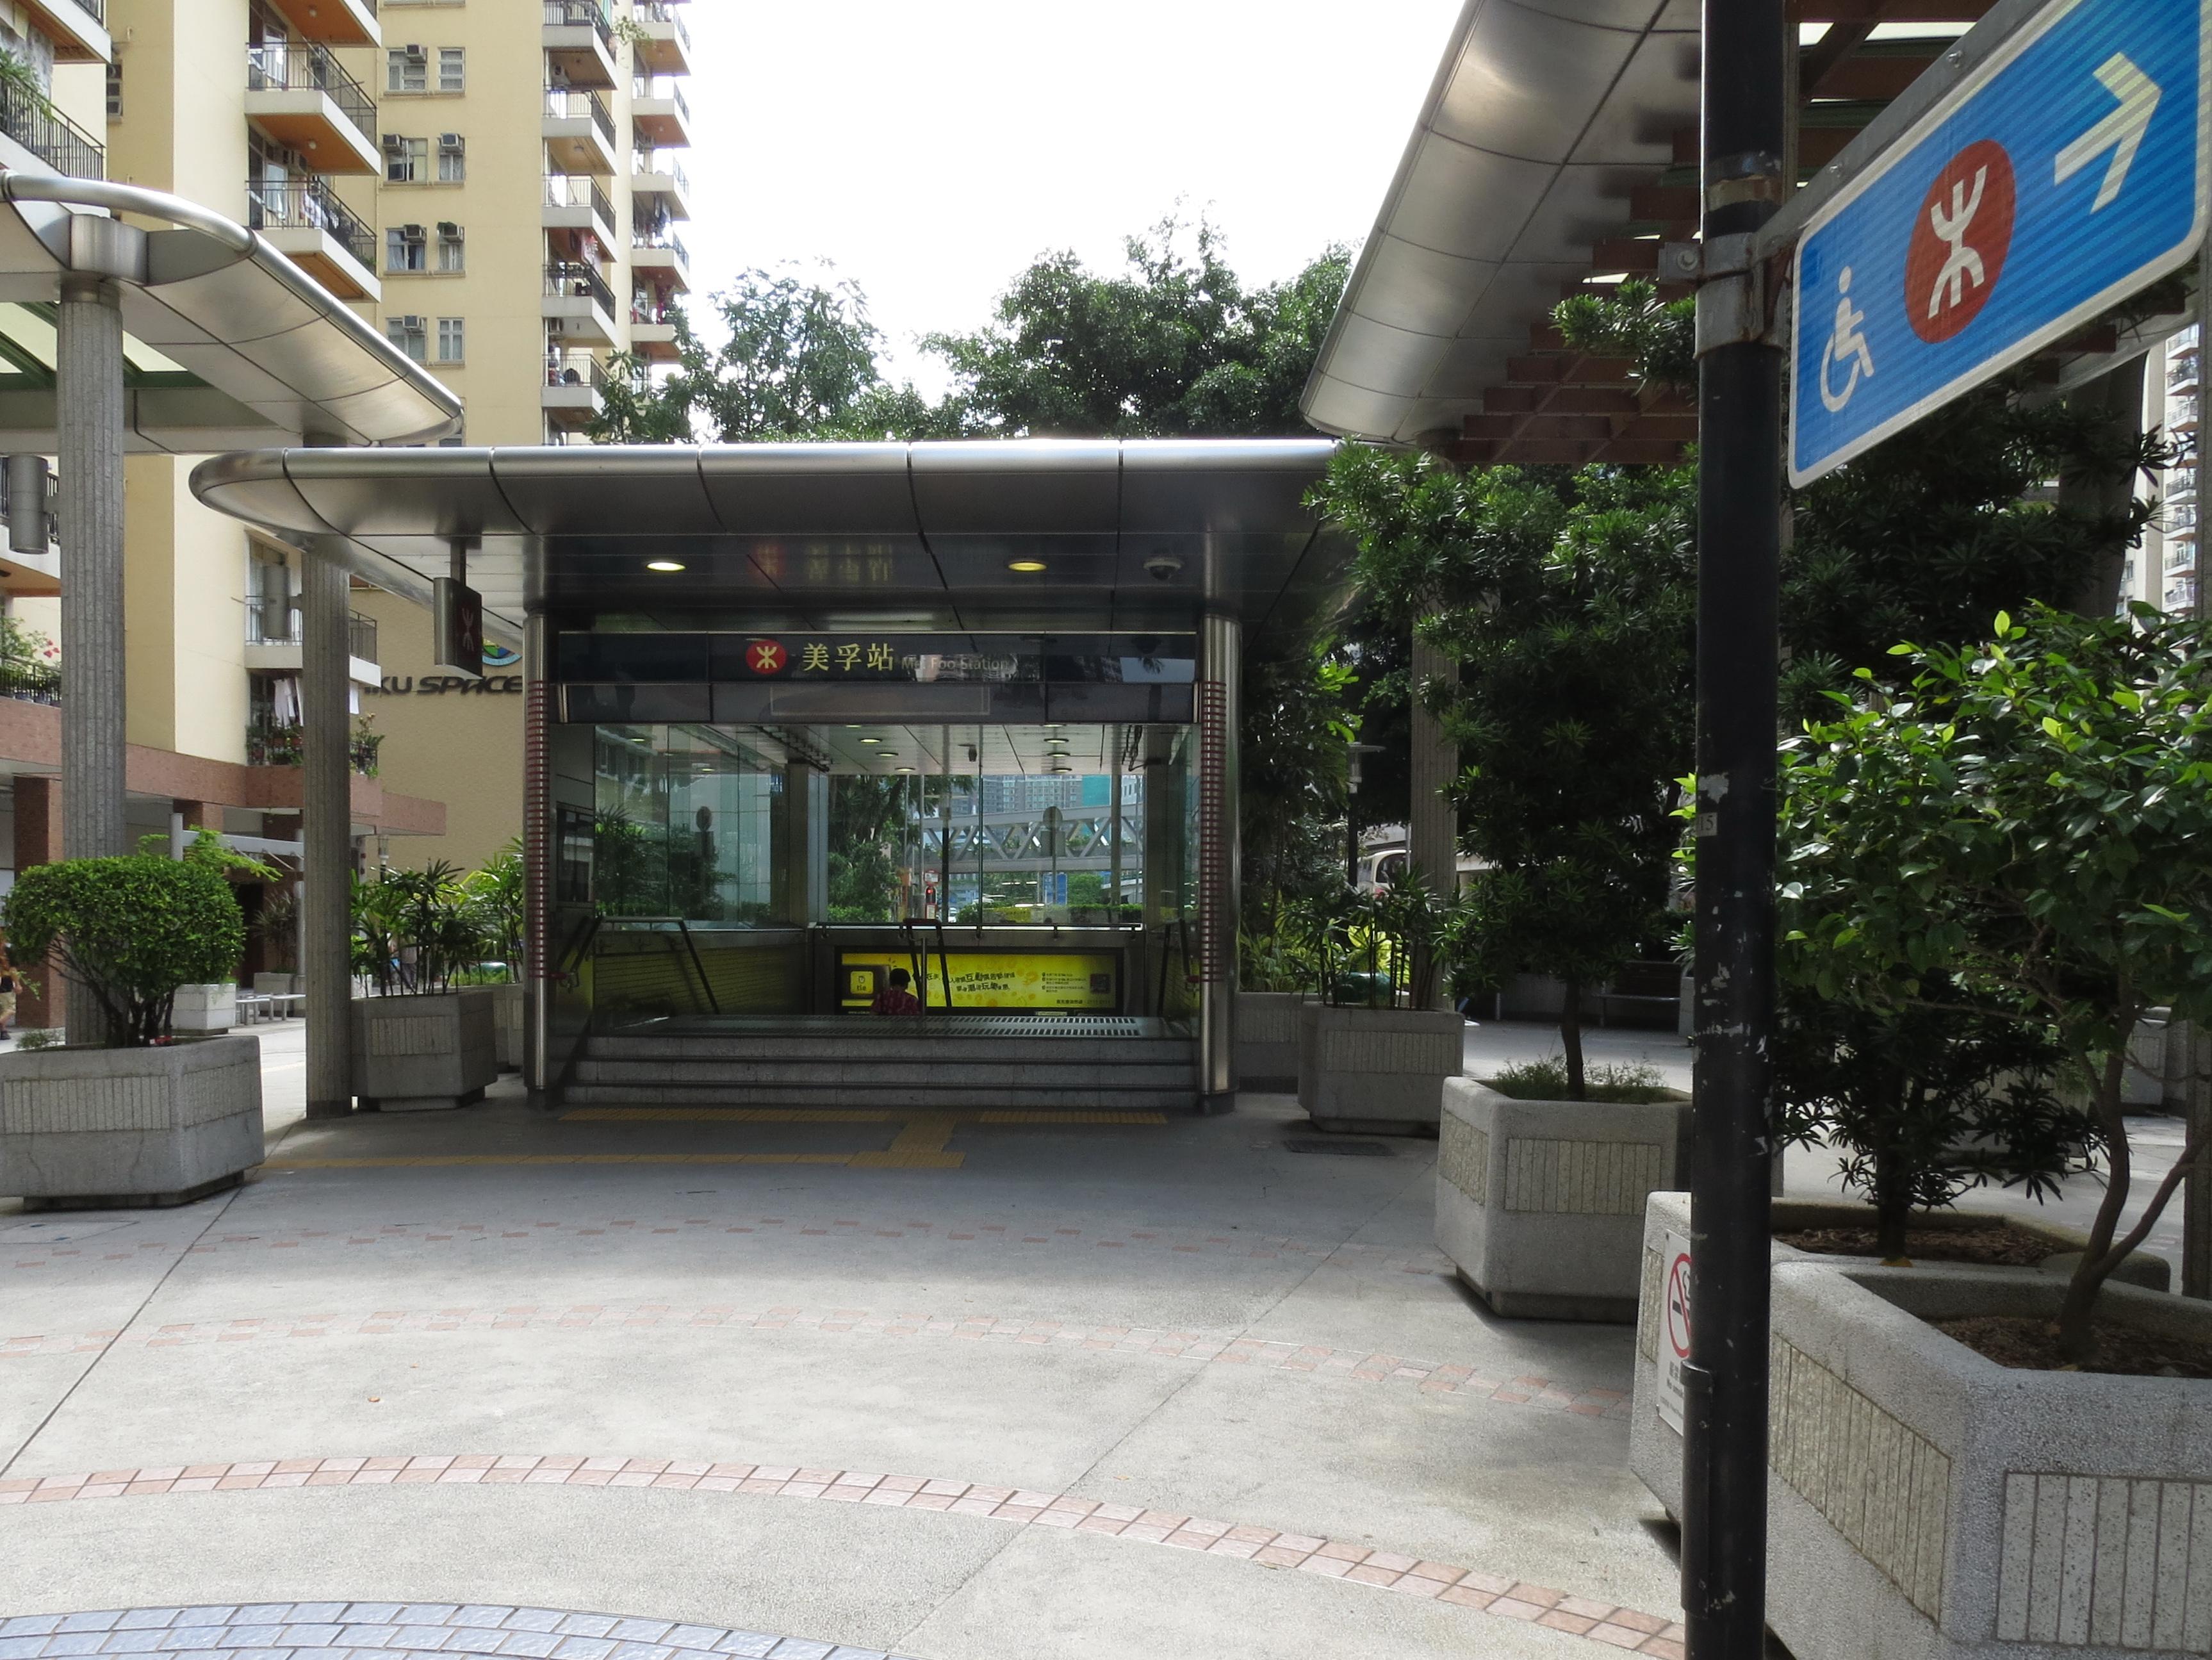 Mei Foo station